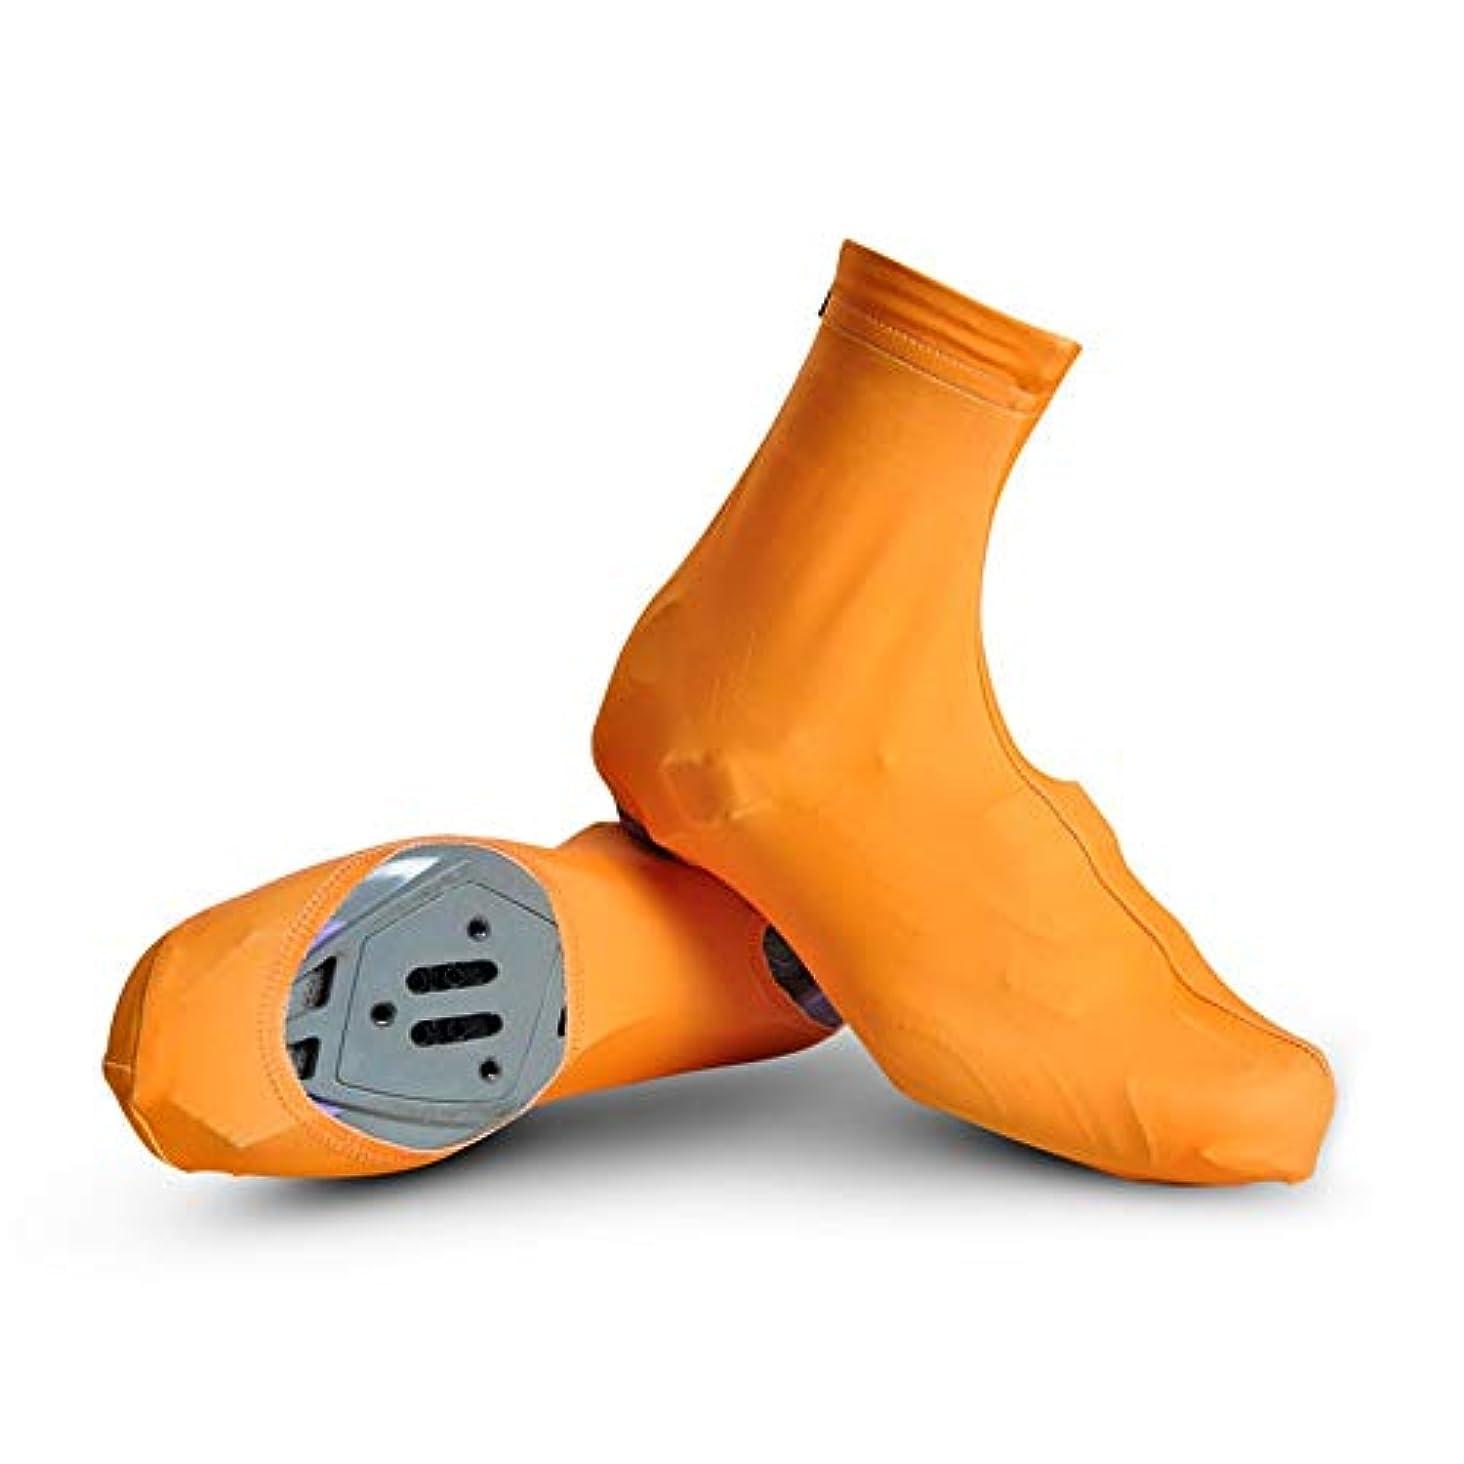 収穫何もない知覚サイクル防水オーバーシューズ、抵抗を軽減する、底くぼみ、防汚、明るい色サイクリングシューズカバー (Color : Orange)